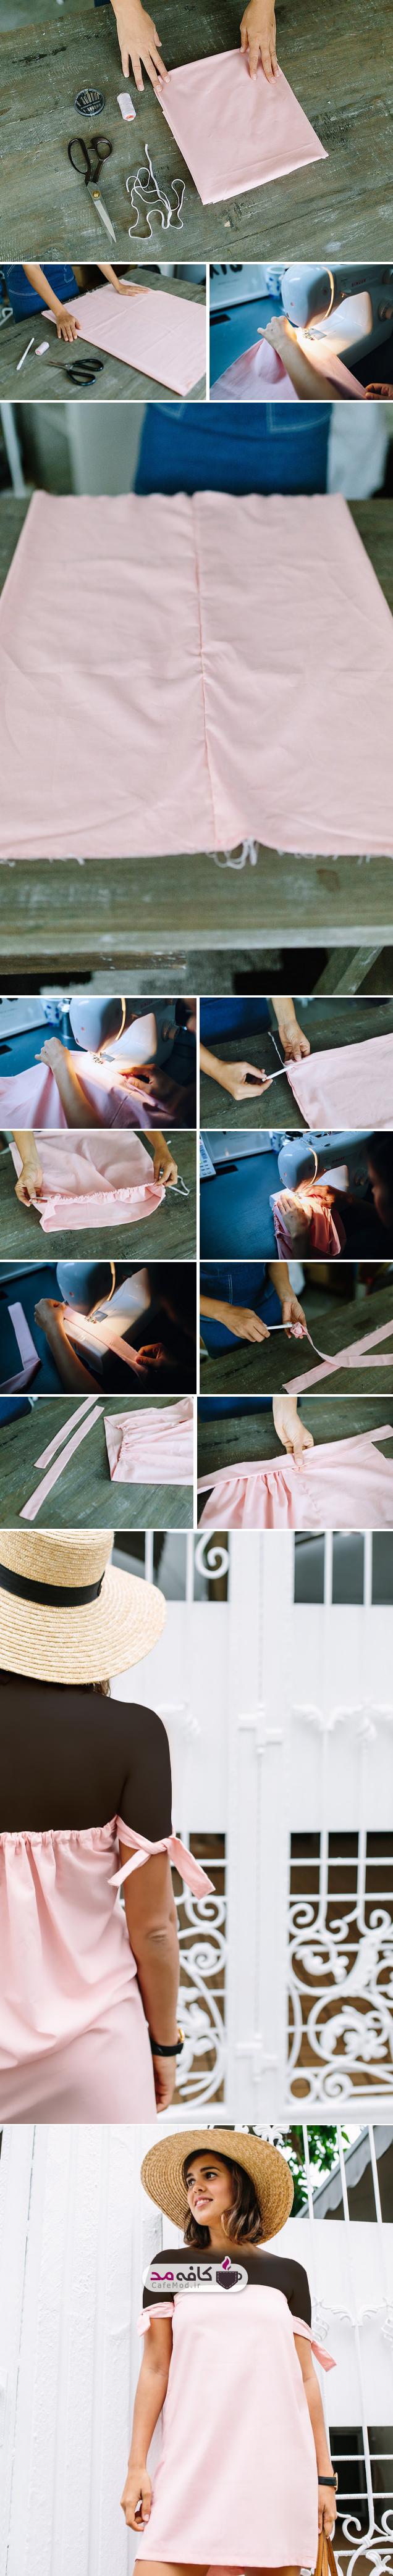 آموزش دوخت لباس بدون الگو